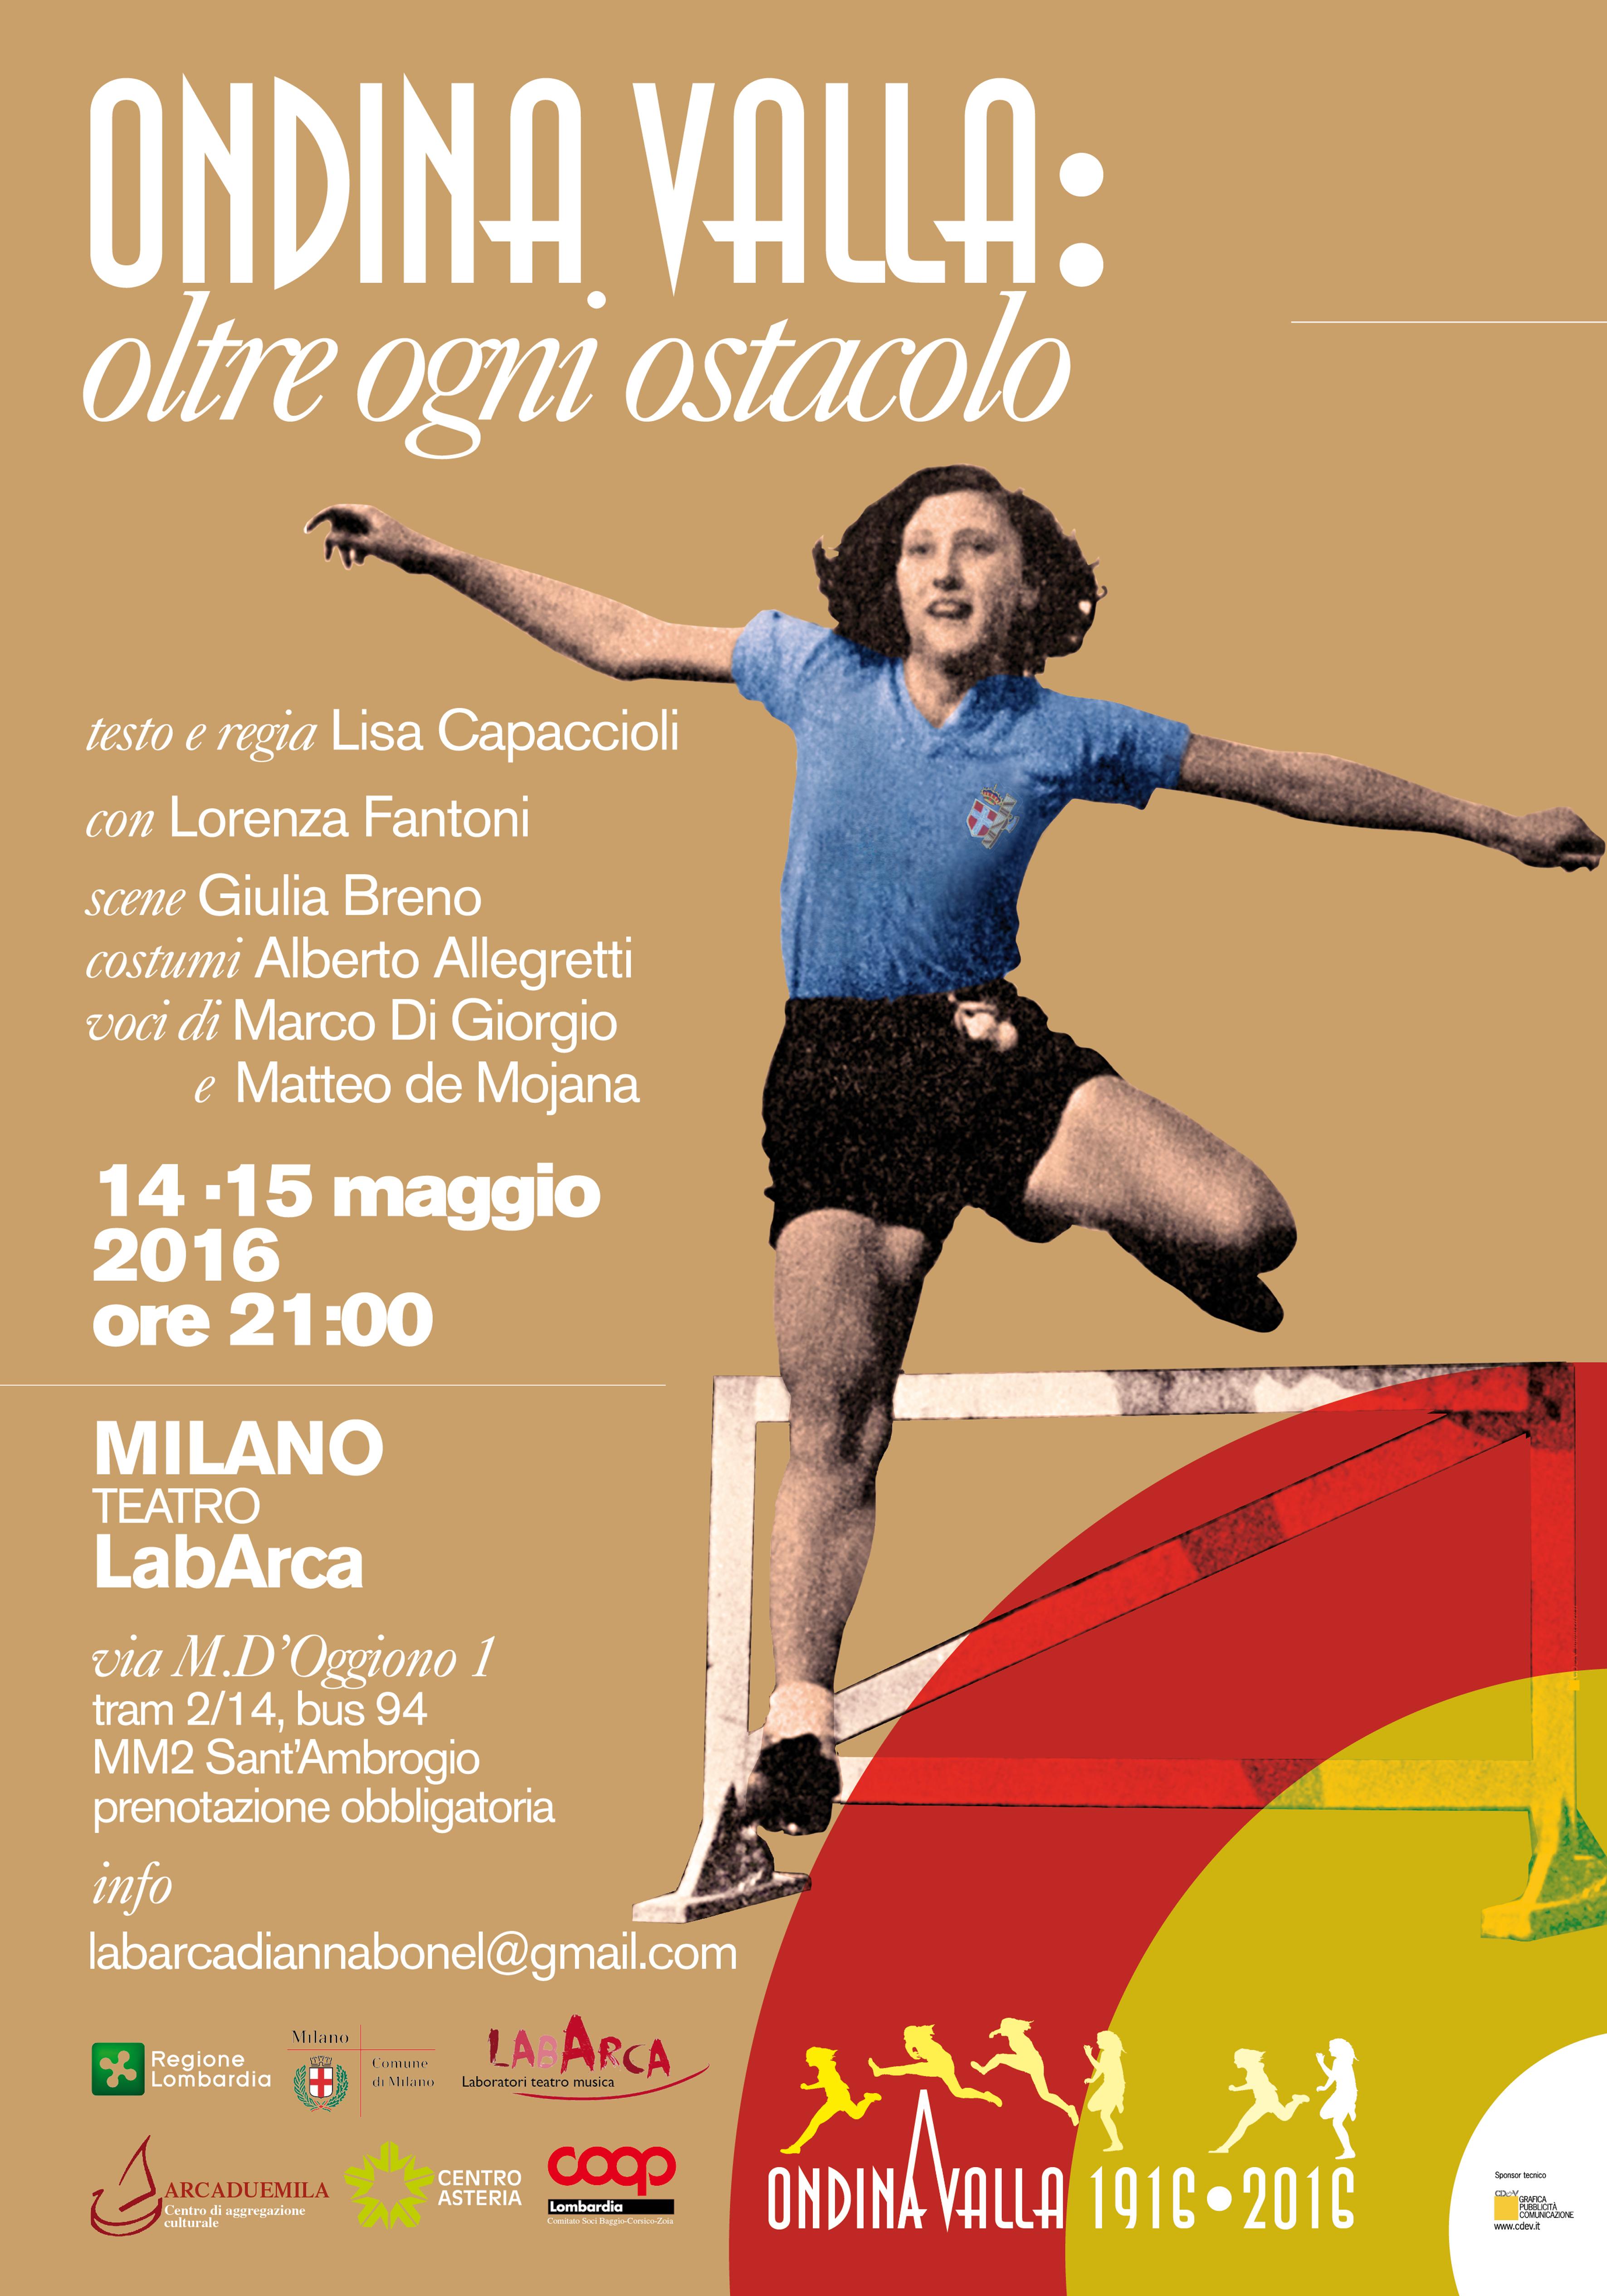 Manifesto ONDINA VALLA_CAPACCIOLI 14-15 maggio con loghi_altarisoluzione